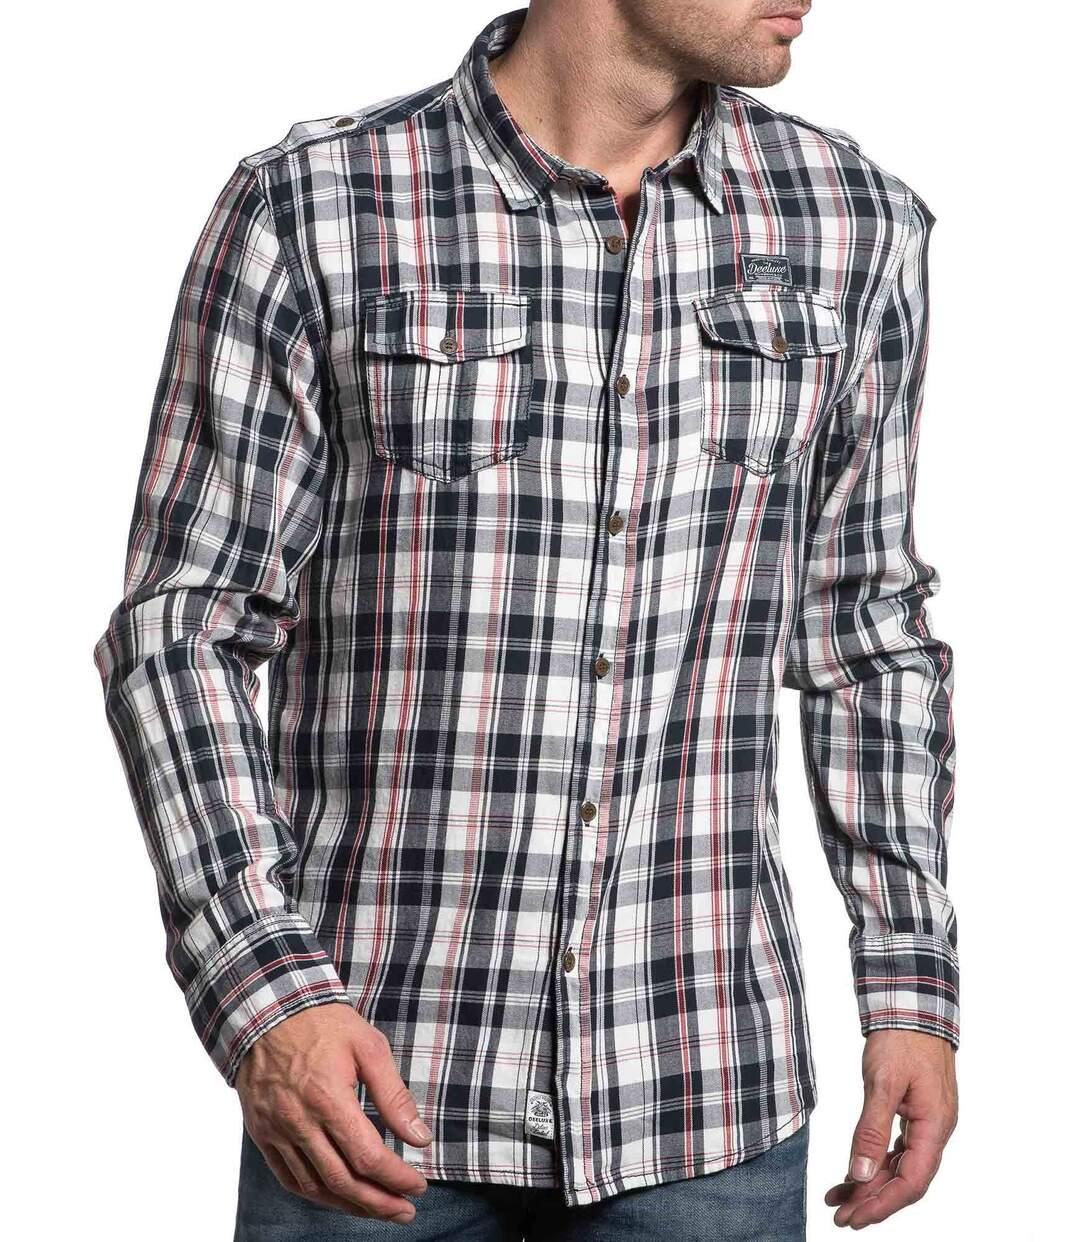 Chemise stylé à carreaux navy et rouge pour homme